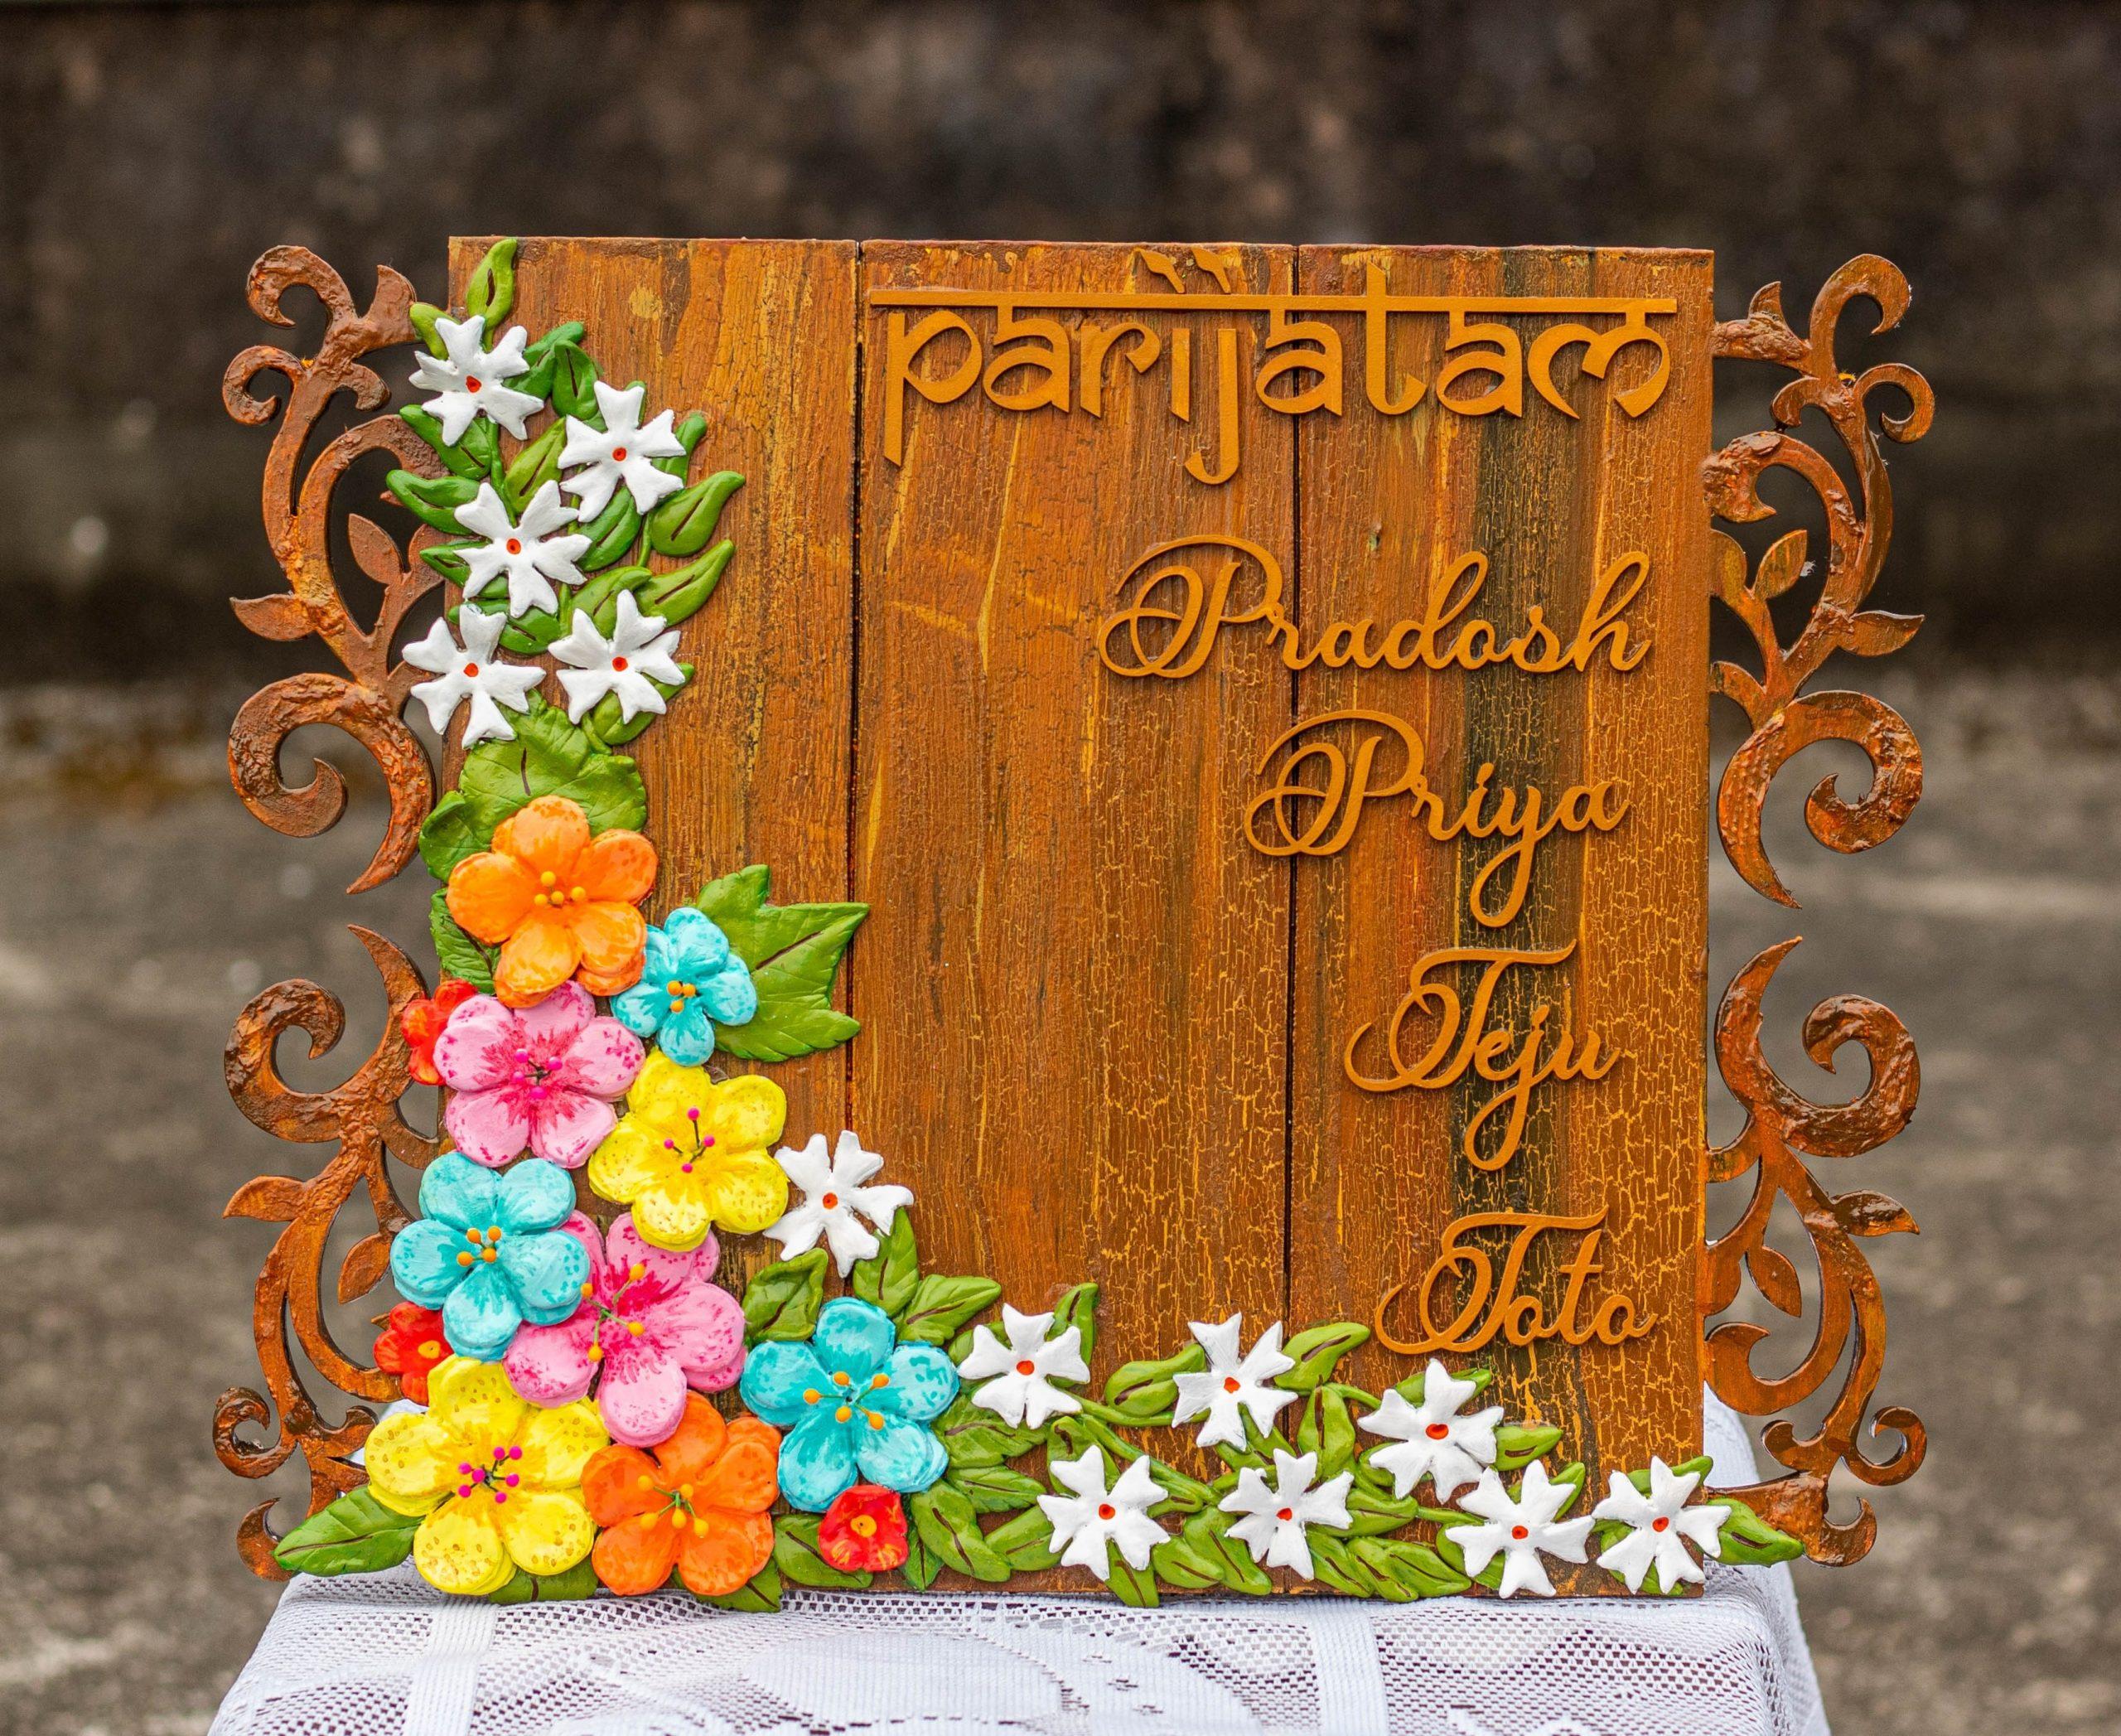 ParijatamFloral Themed Nameplate Creative Corner  Hitchki Creative Corner Artworks 1